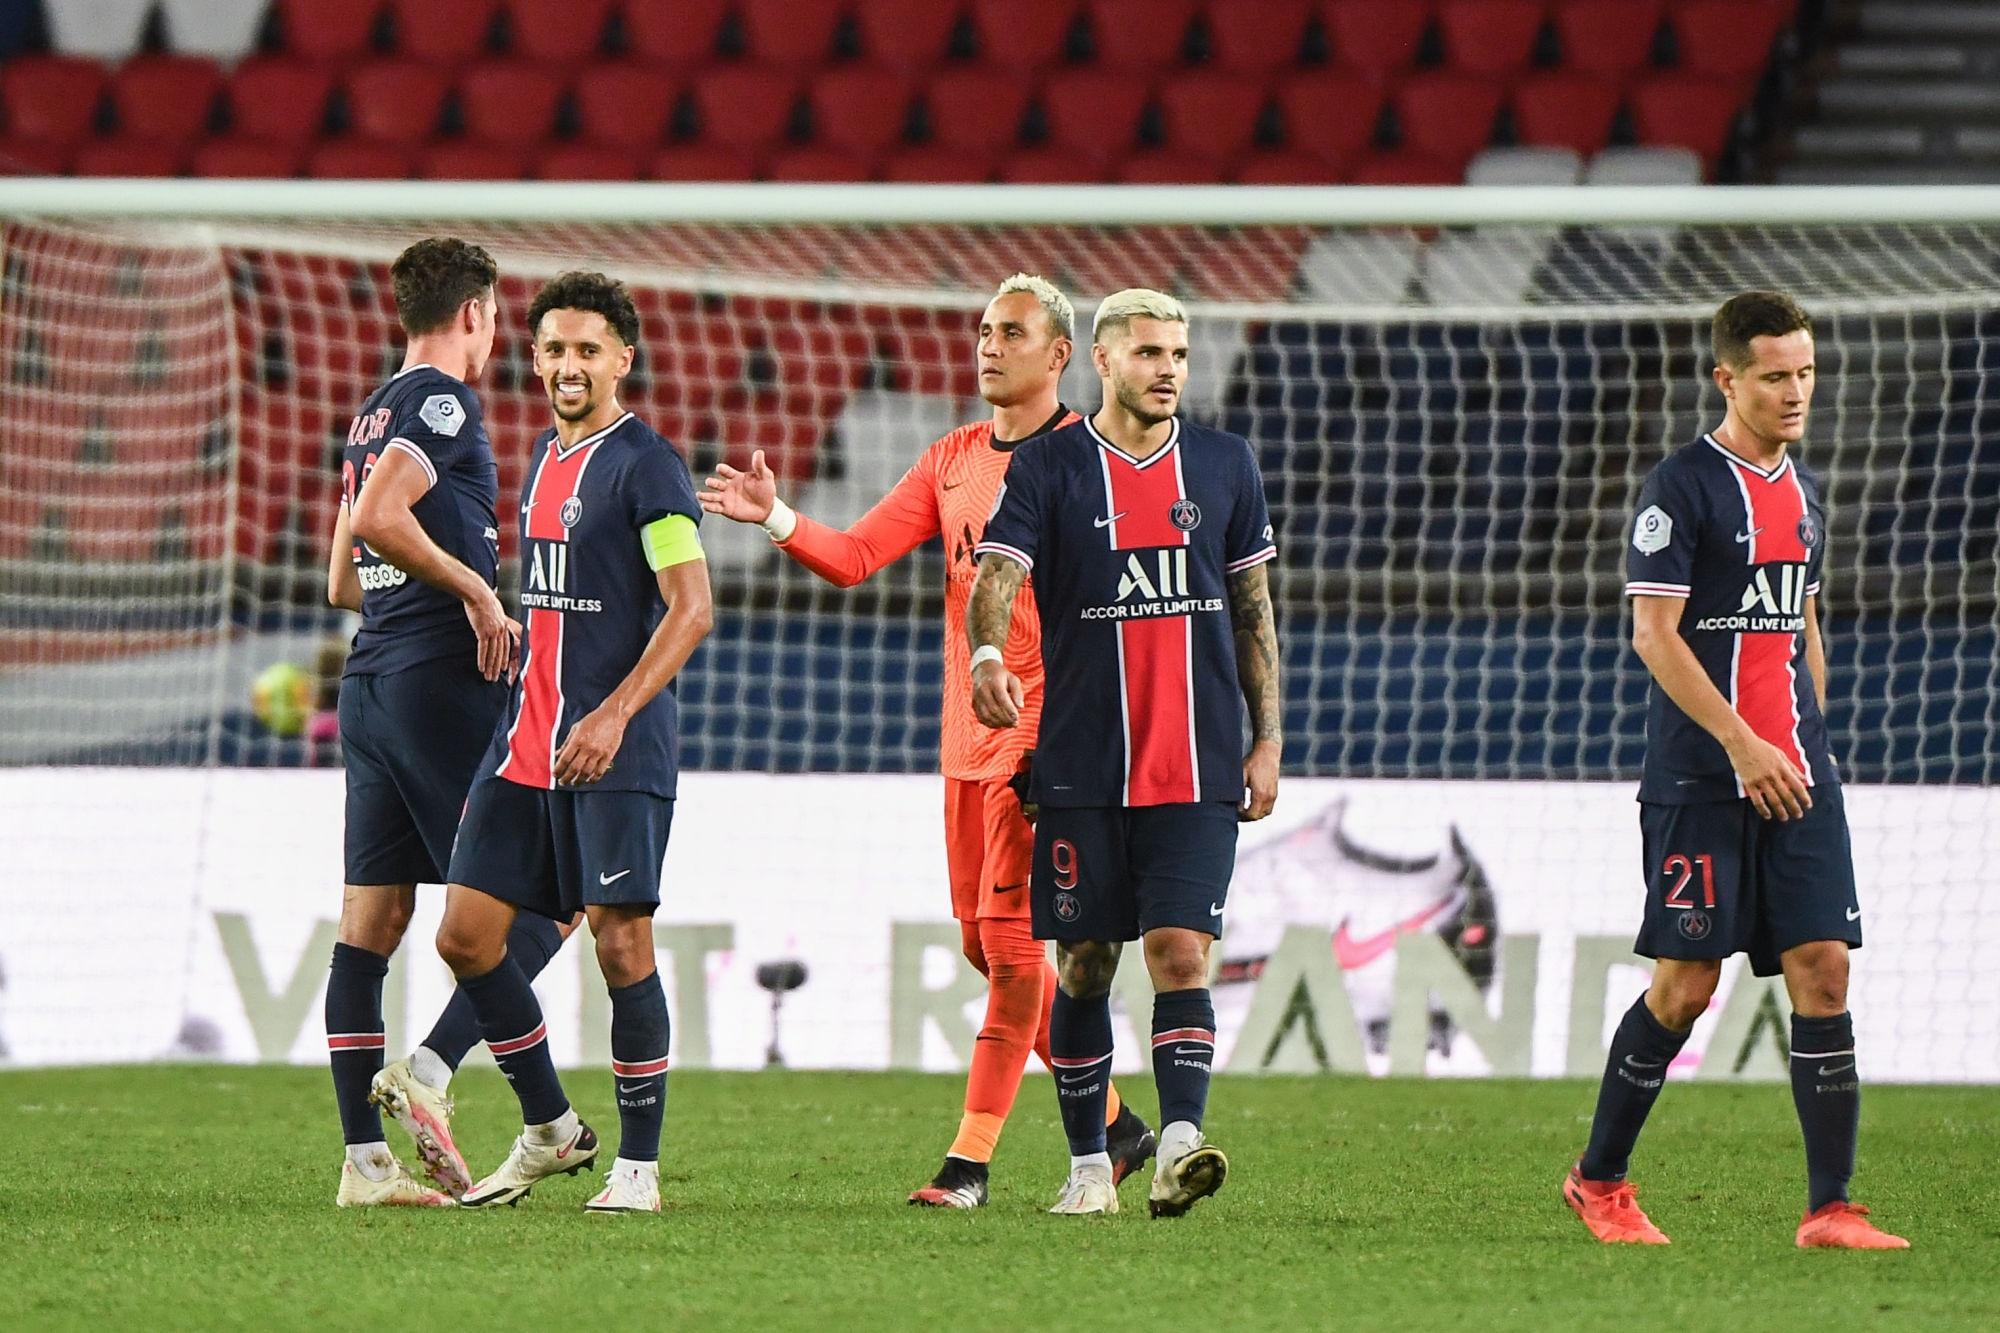 PSG/Metz - Qui est le meilleur Parisien du match selon vous ?